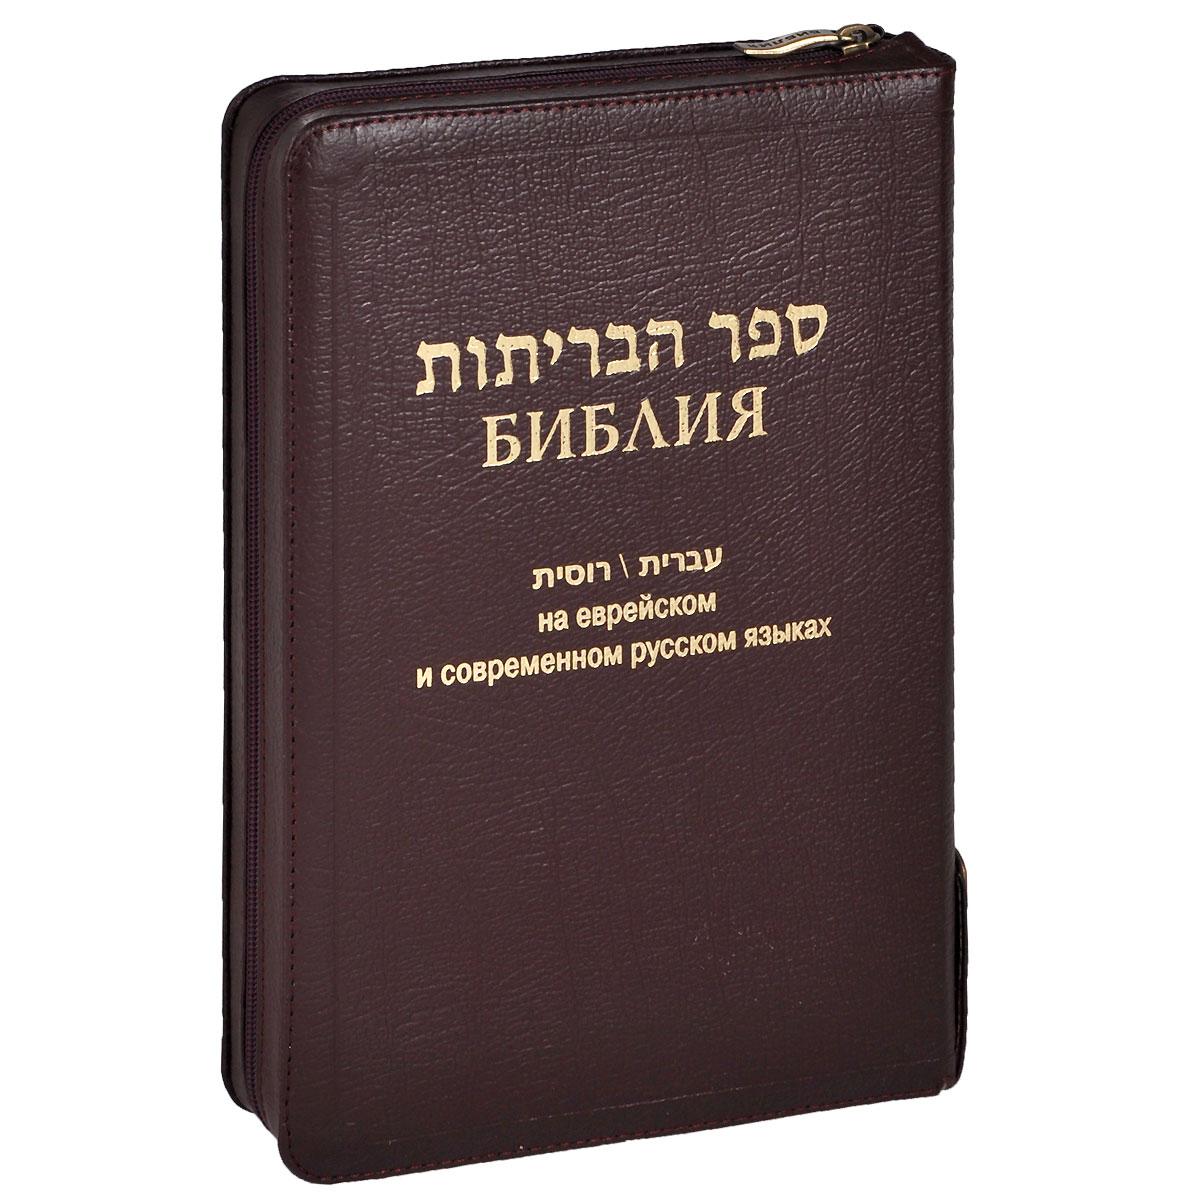 Картинки из еврейской библии